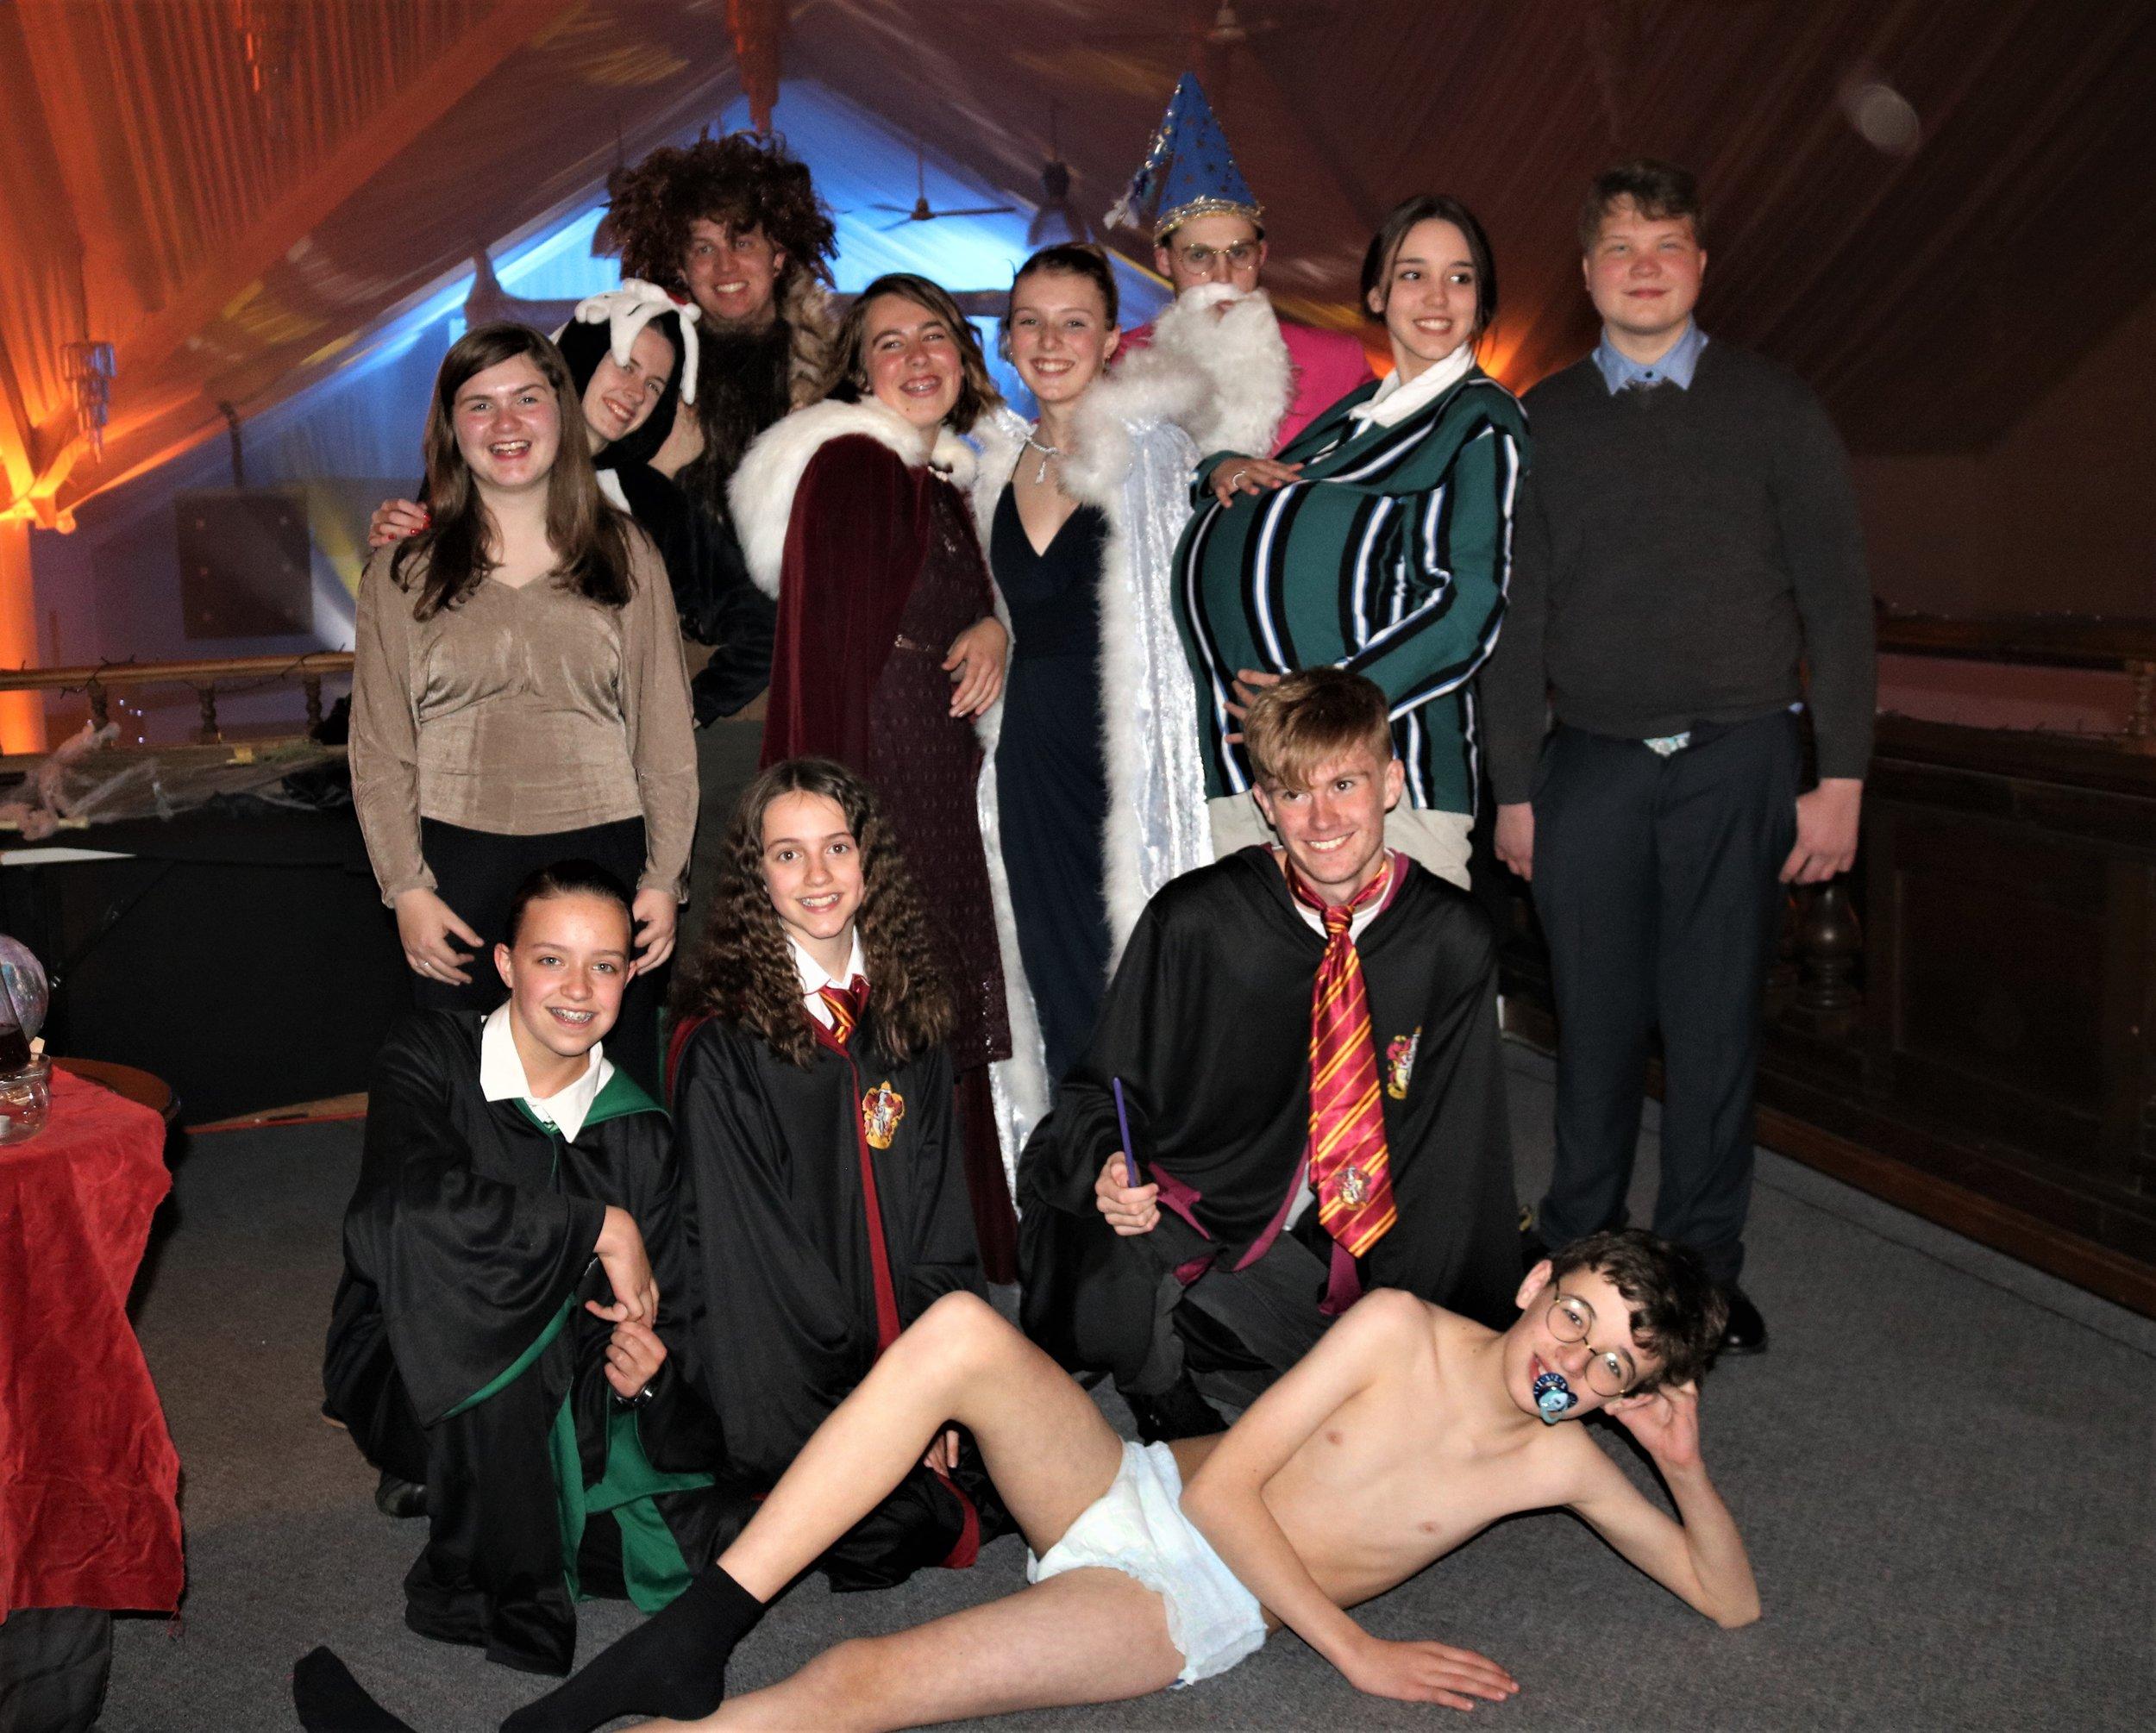 Harry Potter Parody!